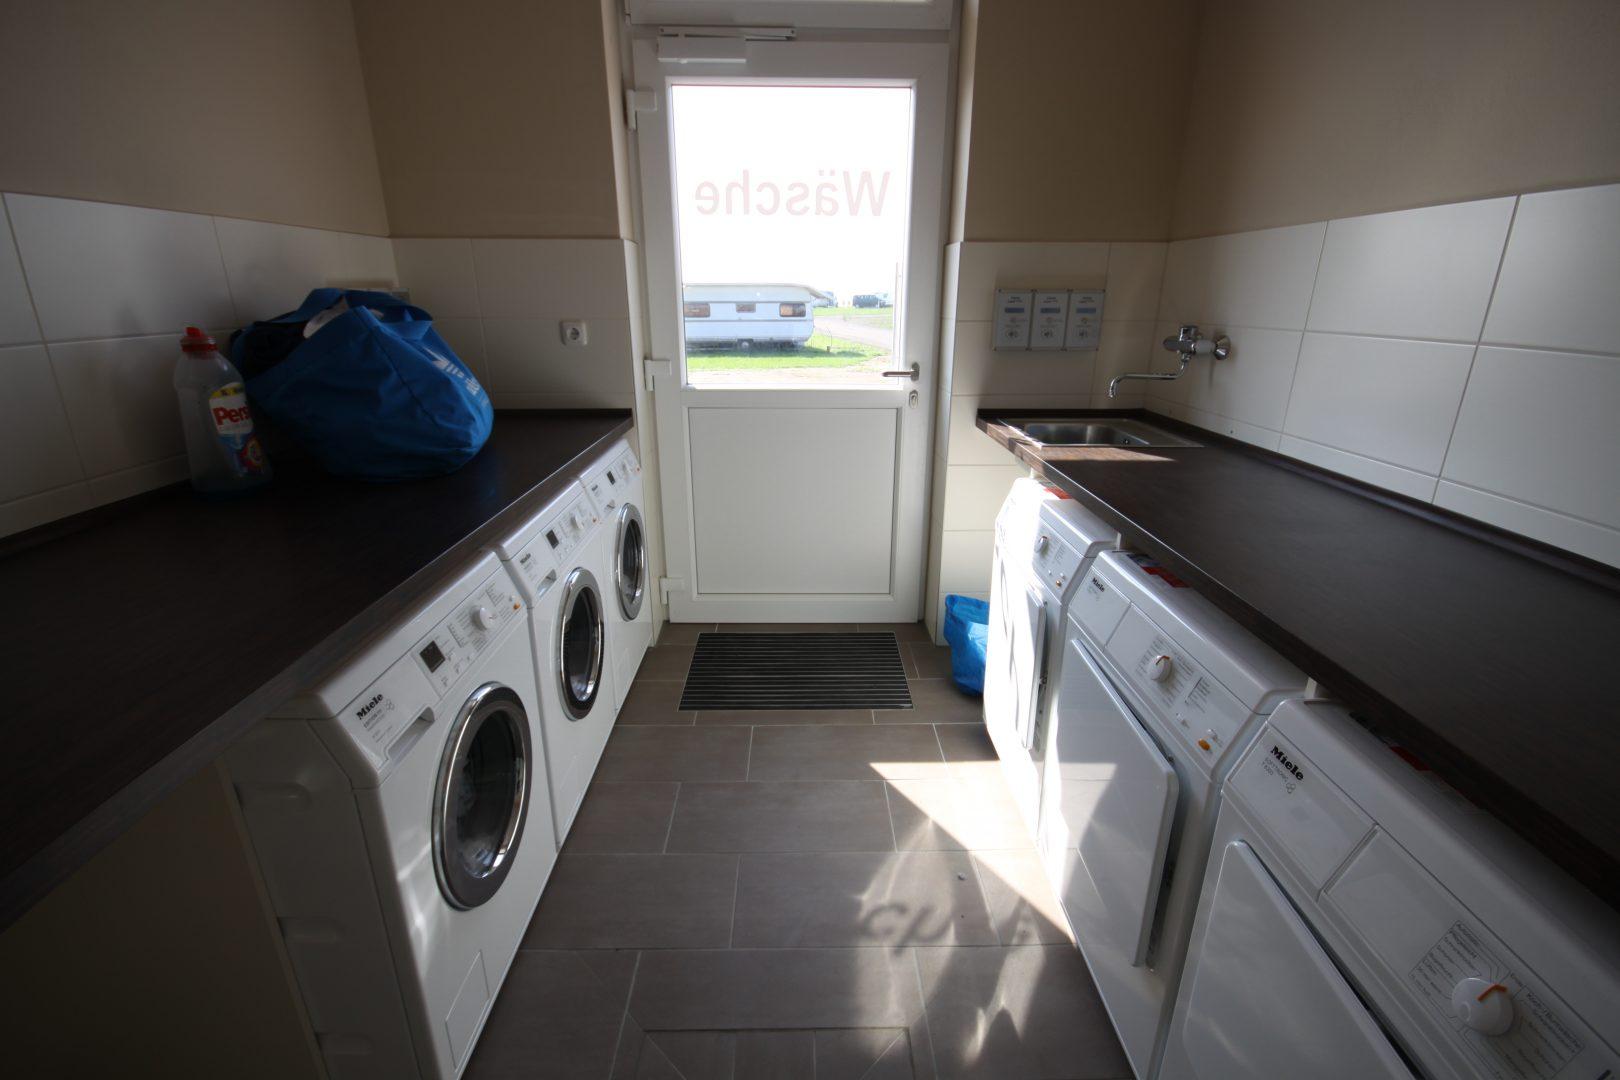 Küche mit spülmaschine schön inspirierend schrank für waschmaschine